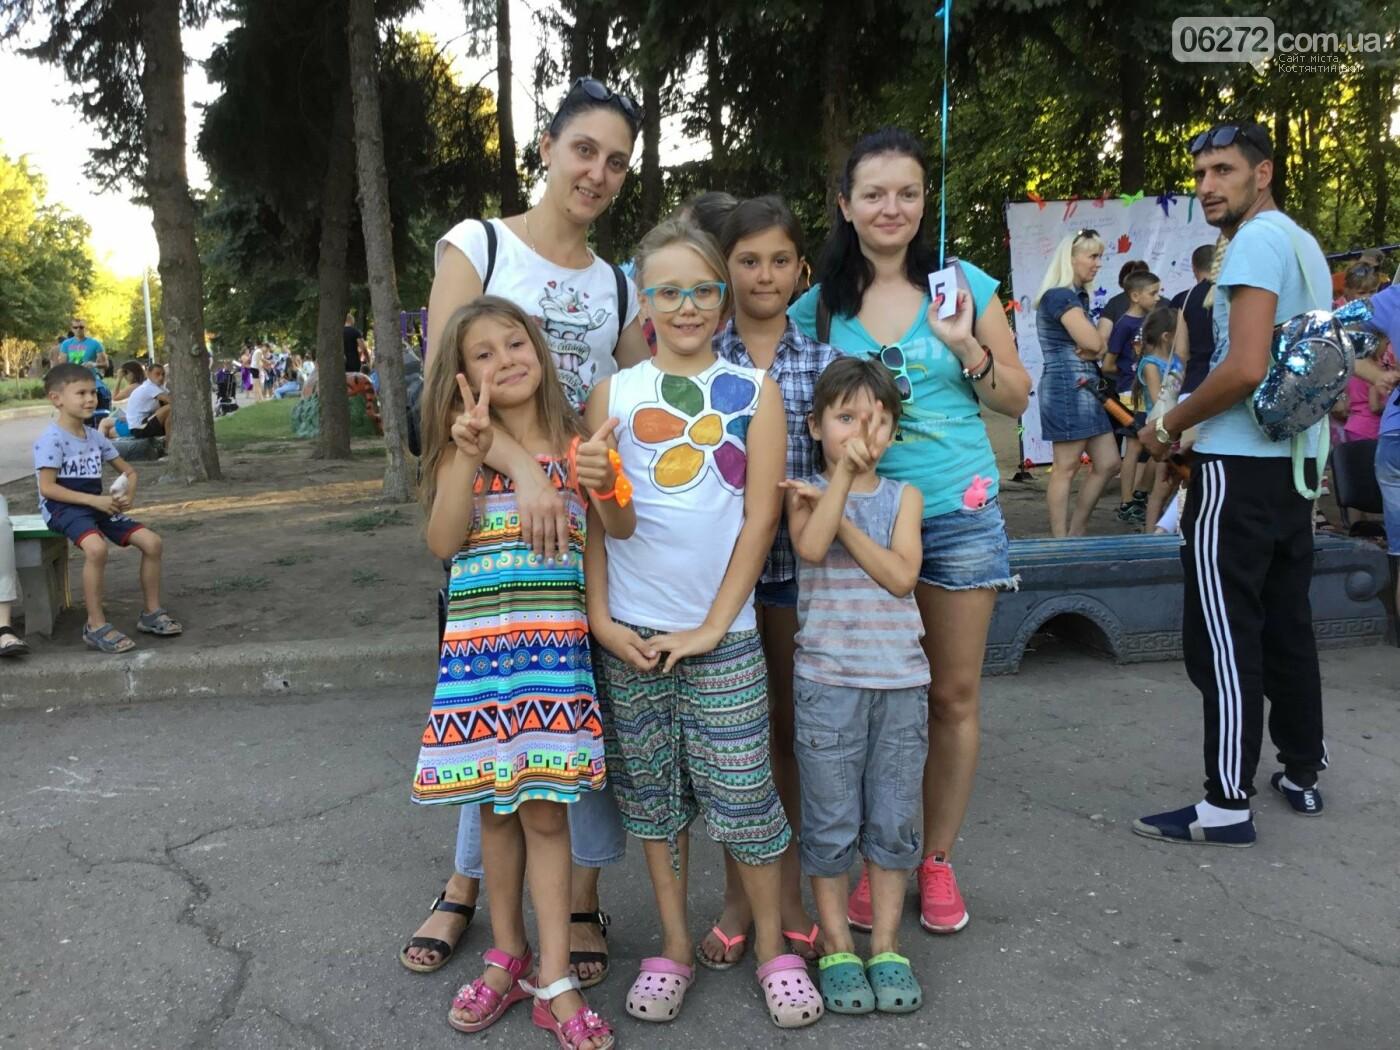 Вчера в Константиновке состоялся благотворительный праздник для детей (видео), фото-9